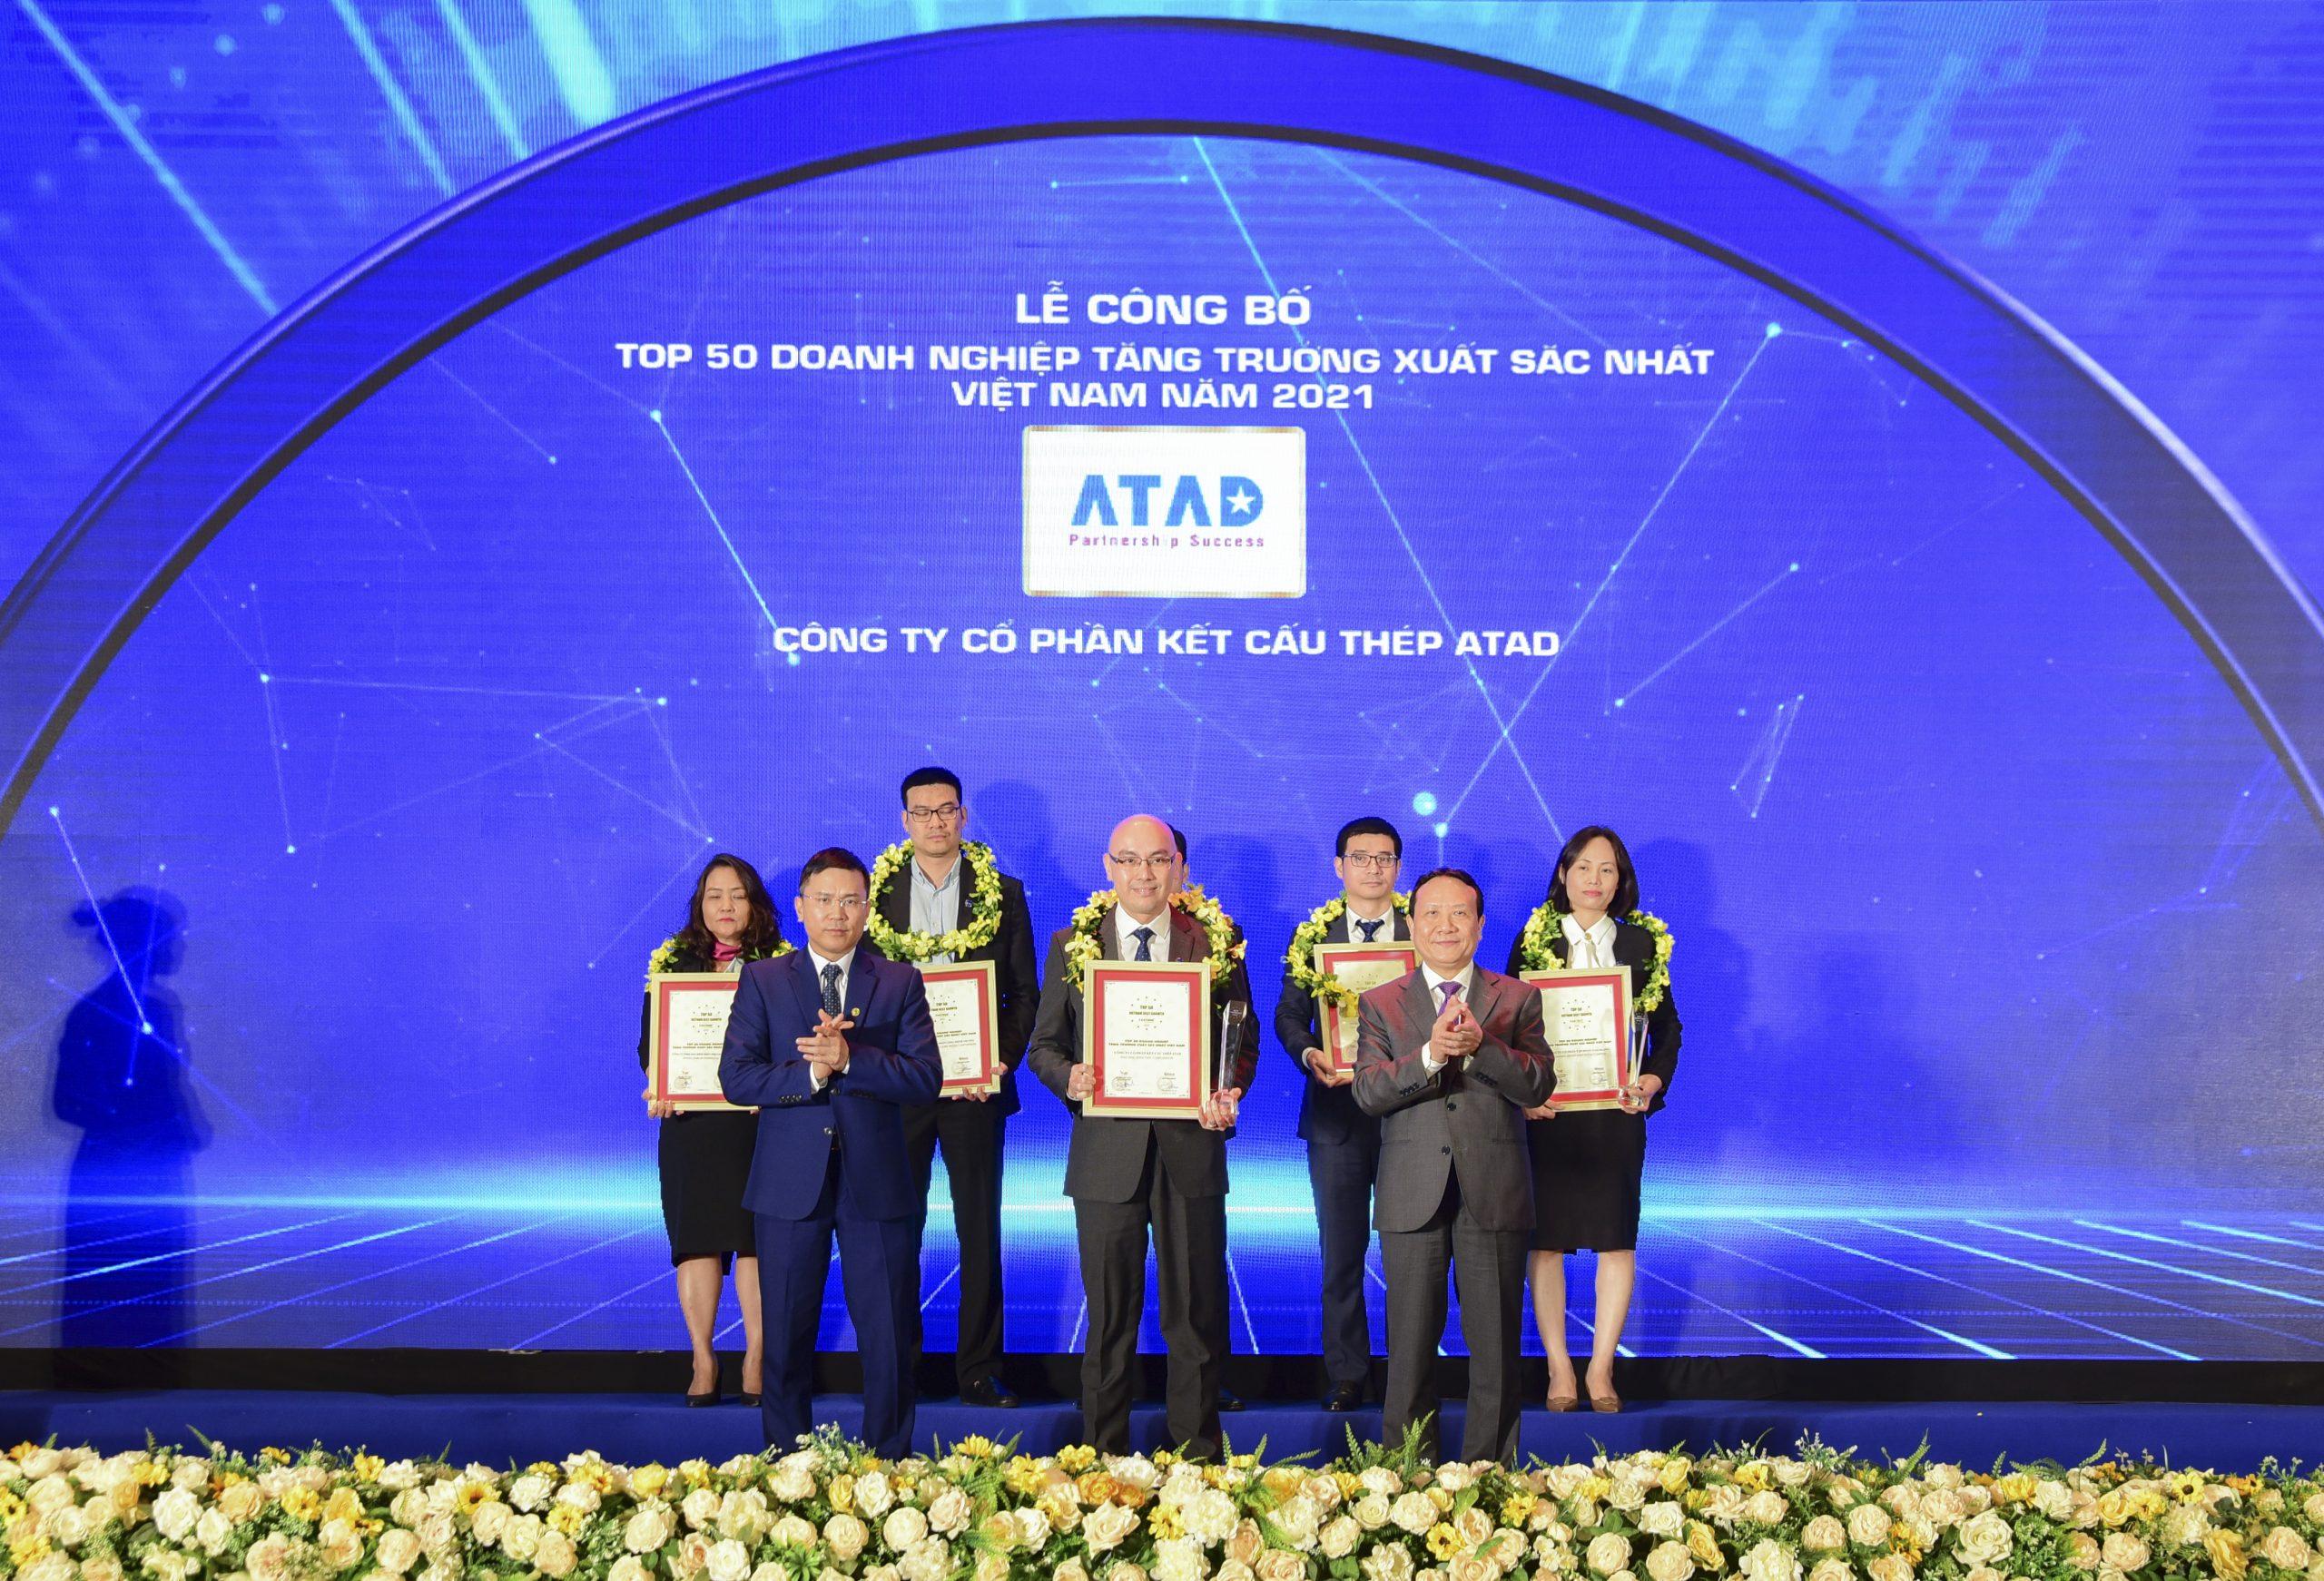 ATAD năm thứ 4 liên tiếp được vinh danh trong Top 50 Doanh nghiệp tăng trưởng xuất sắc nhất Việt Nam